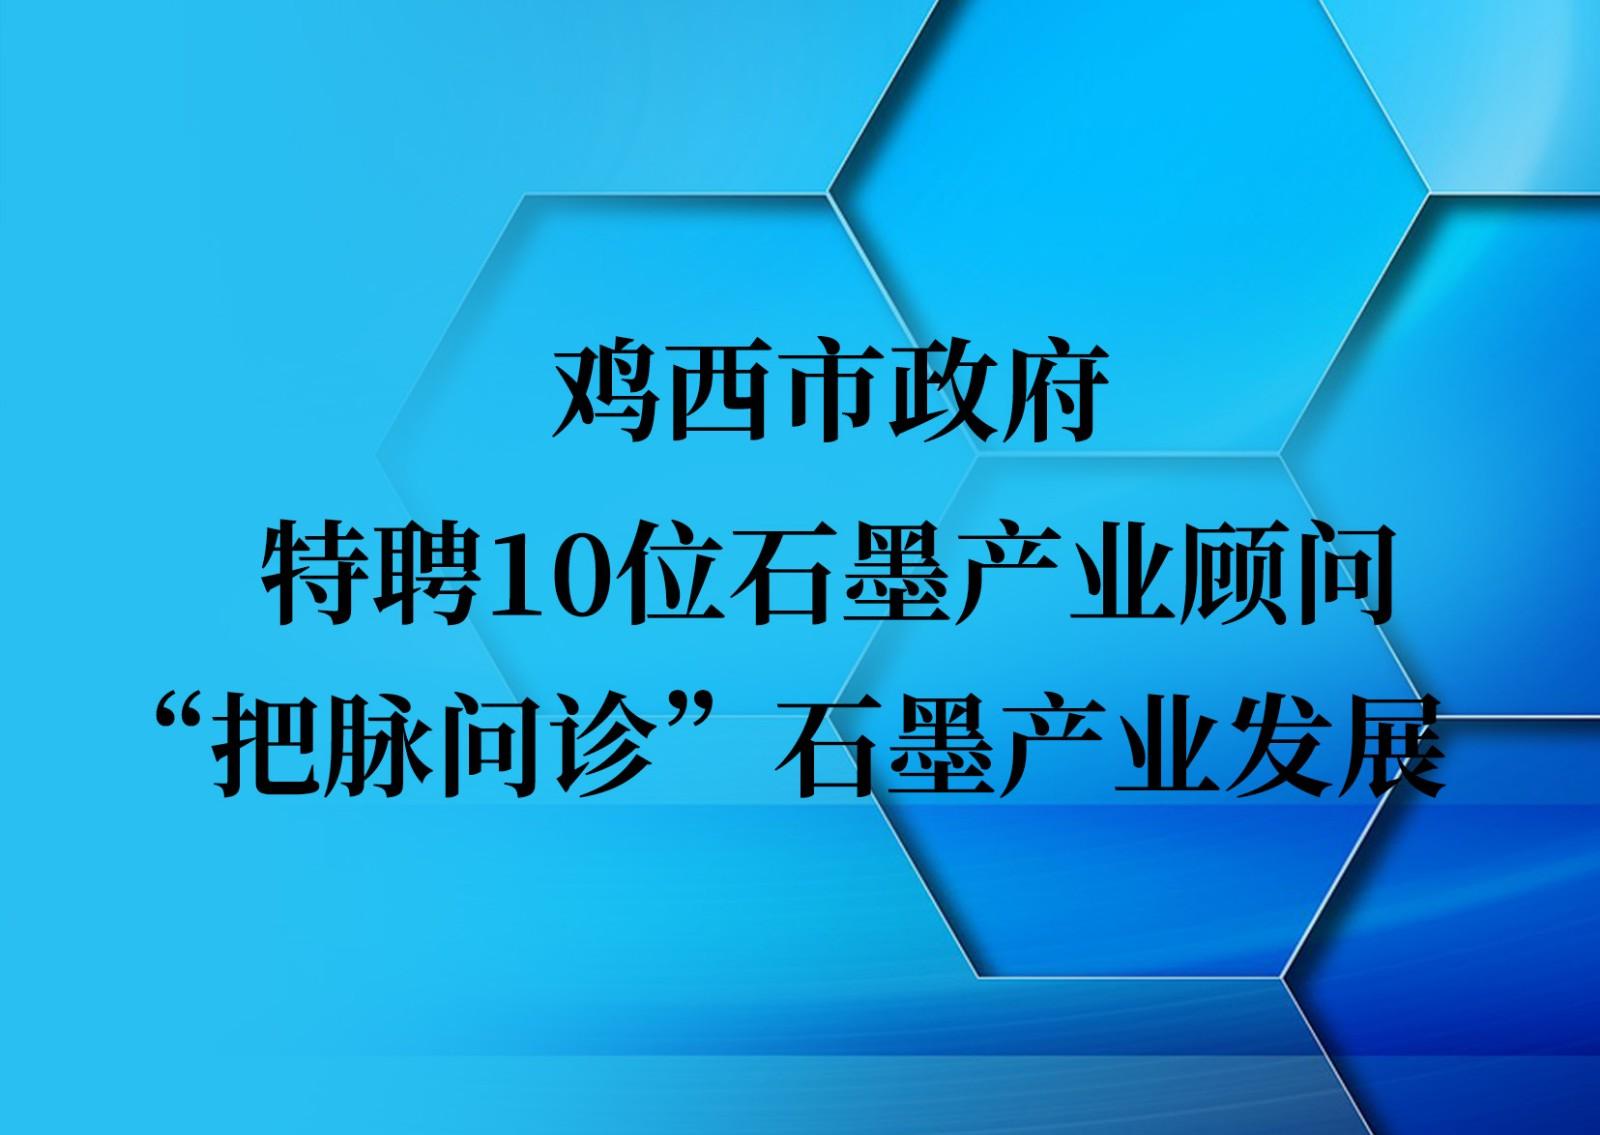 """鸡西市政府特聘10位雷竞技产业顾问""""把脉问诊""""雷竞技产业发展"""